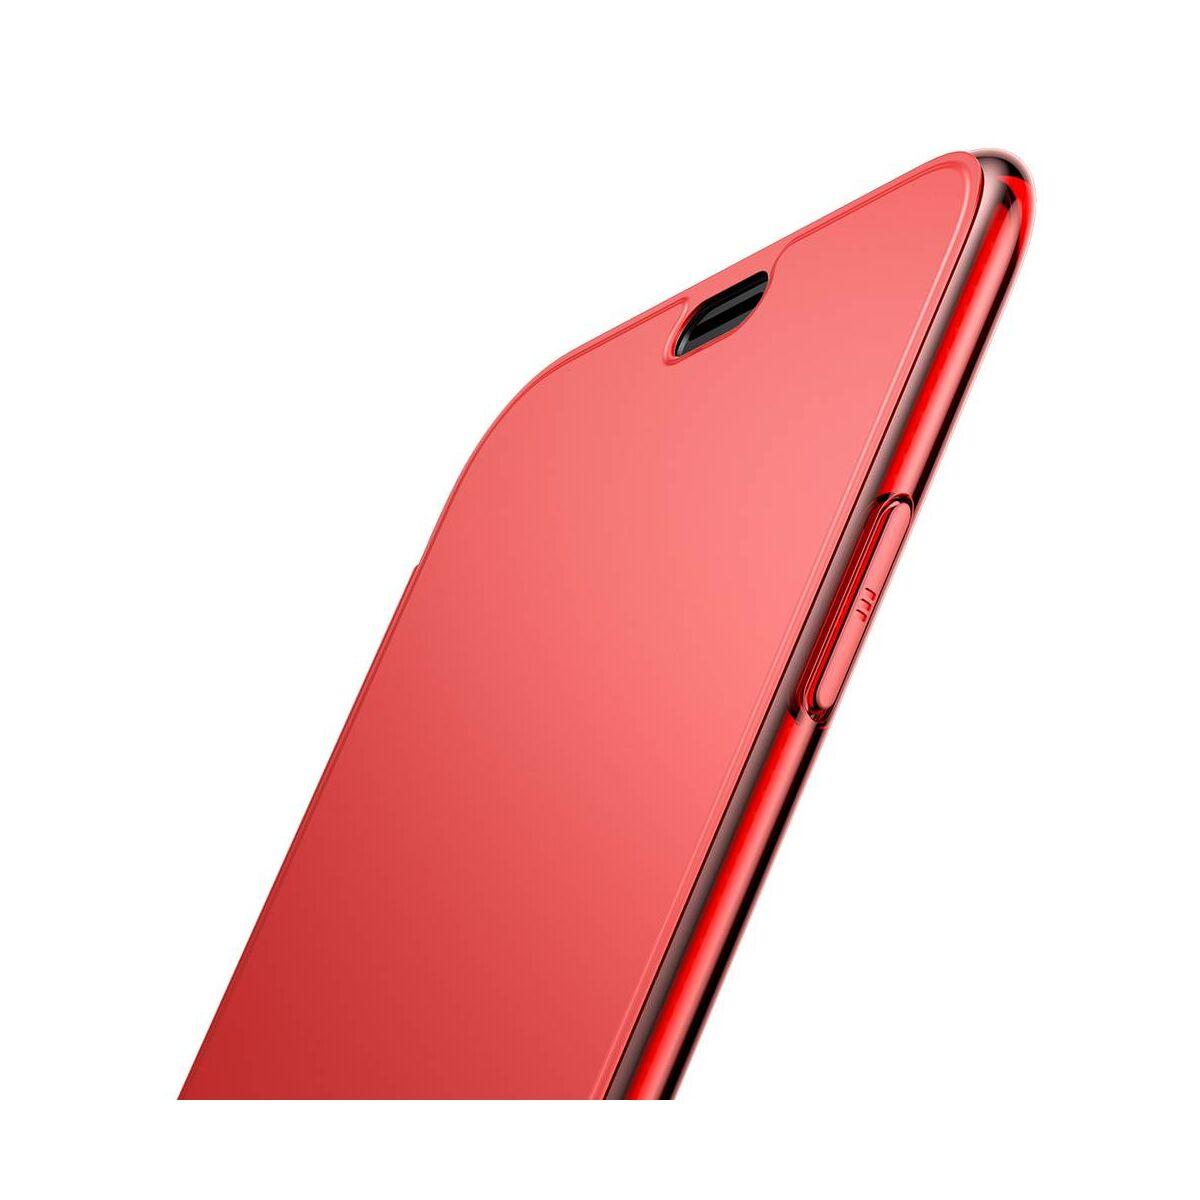 Baseus iPhone XR tok,tok, Touchable kihajtható, érintőfelületű flip tok, piros (WIAPIPH61-TS09)